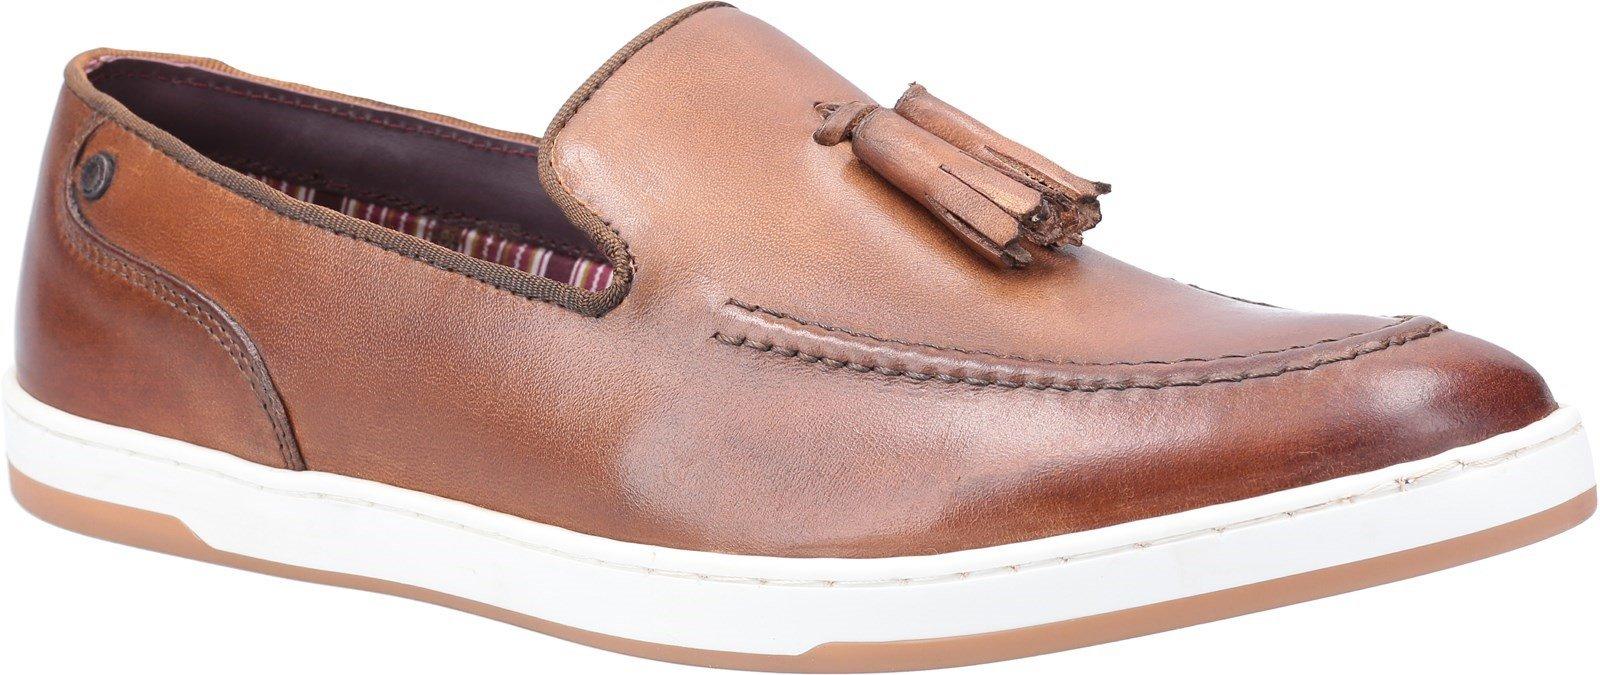 Base London Men's Pogo Burnished Slip On Loafer Various Colours 30446 - Tan 6